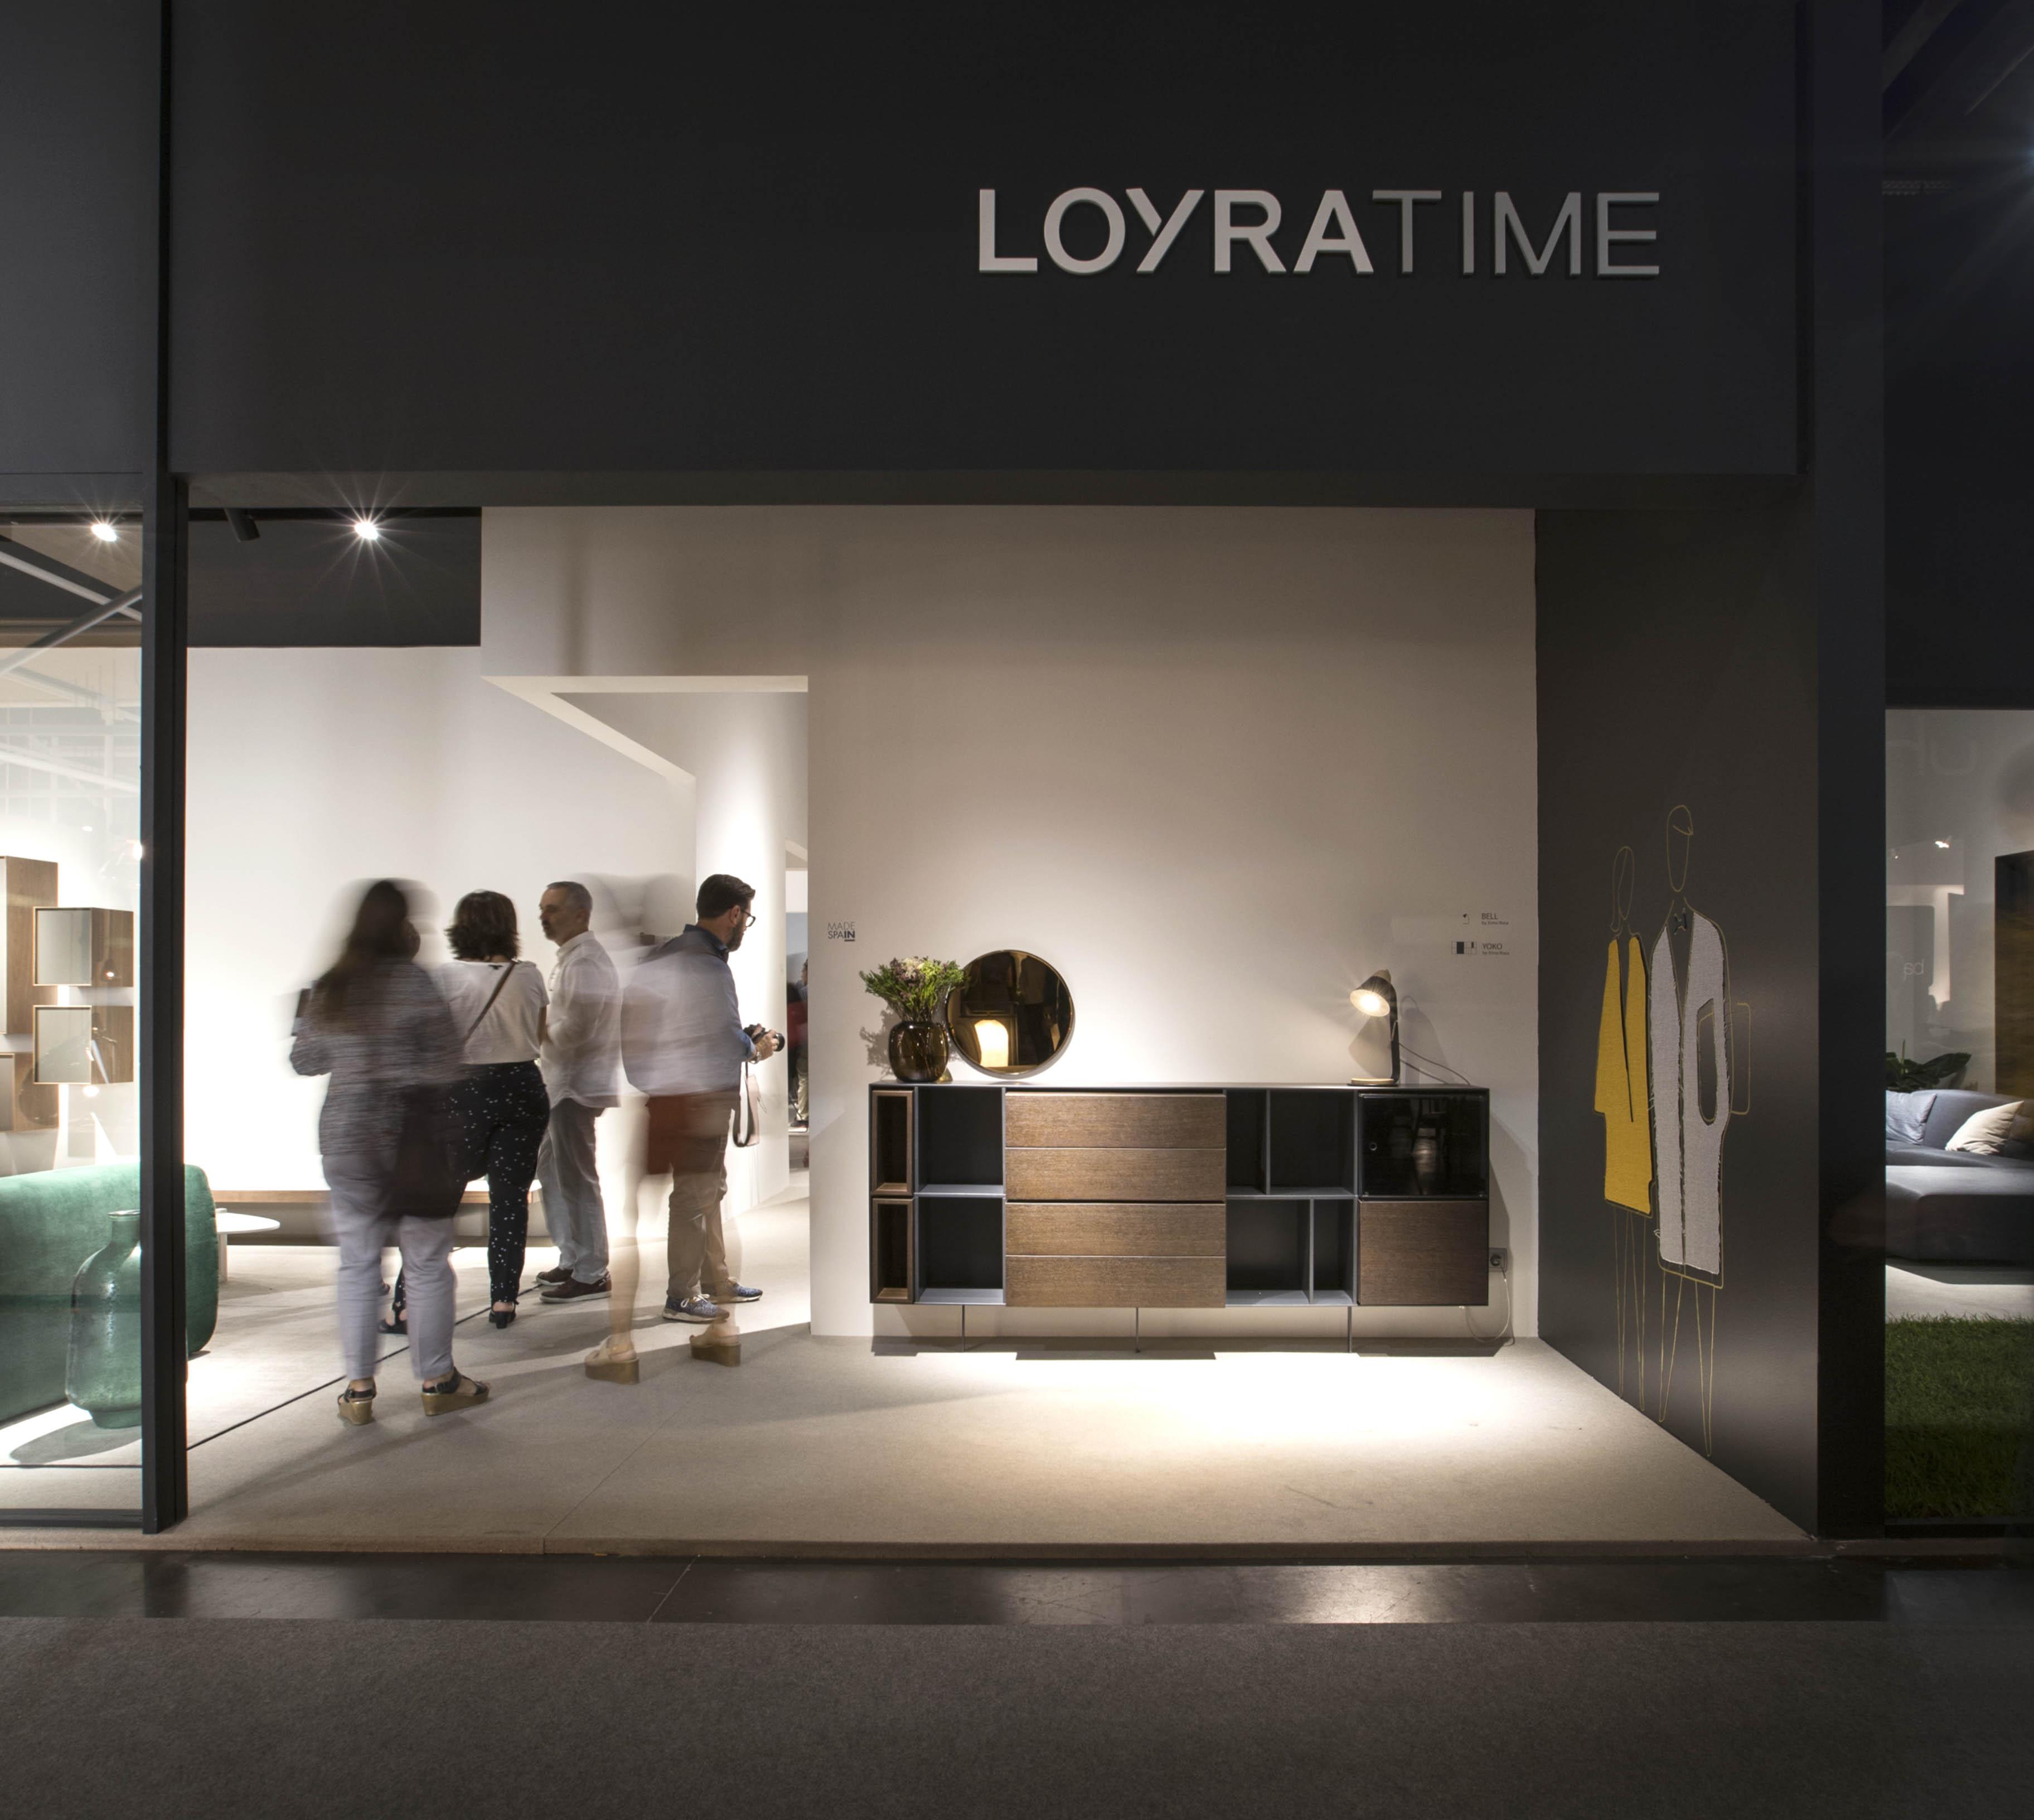 LOYRATIME de Loyra. Una revelación en Hábitat.